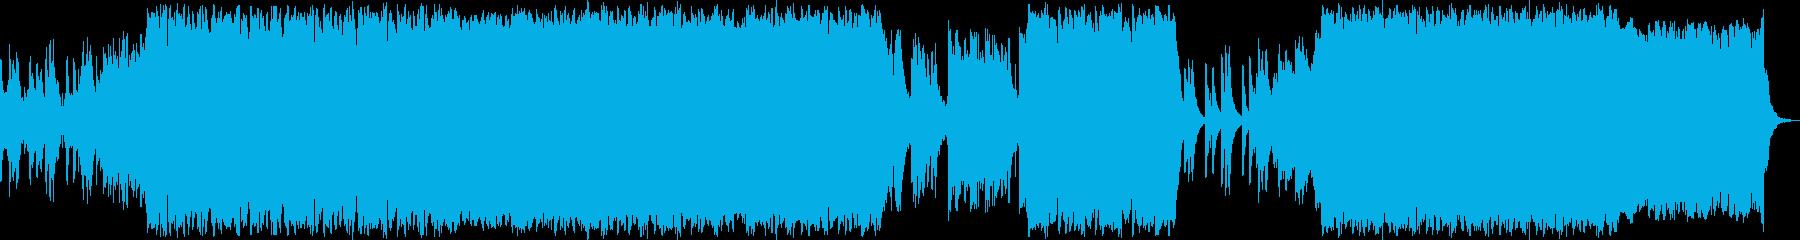 感動的・自然・癒し・壮大・BGMの再生済みの波形